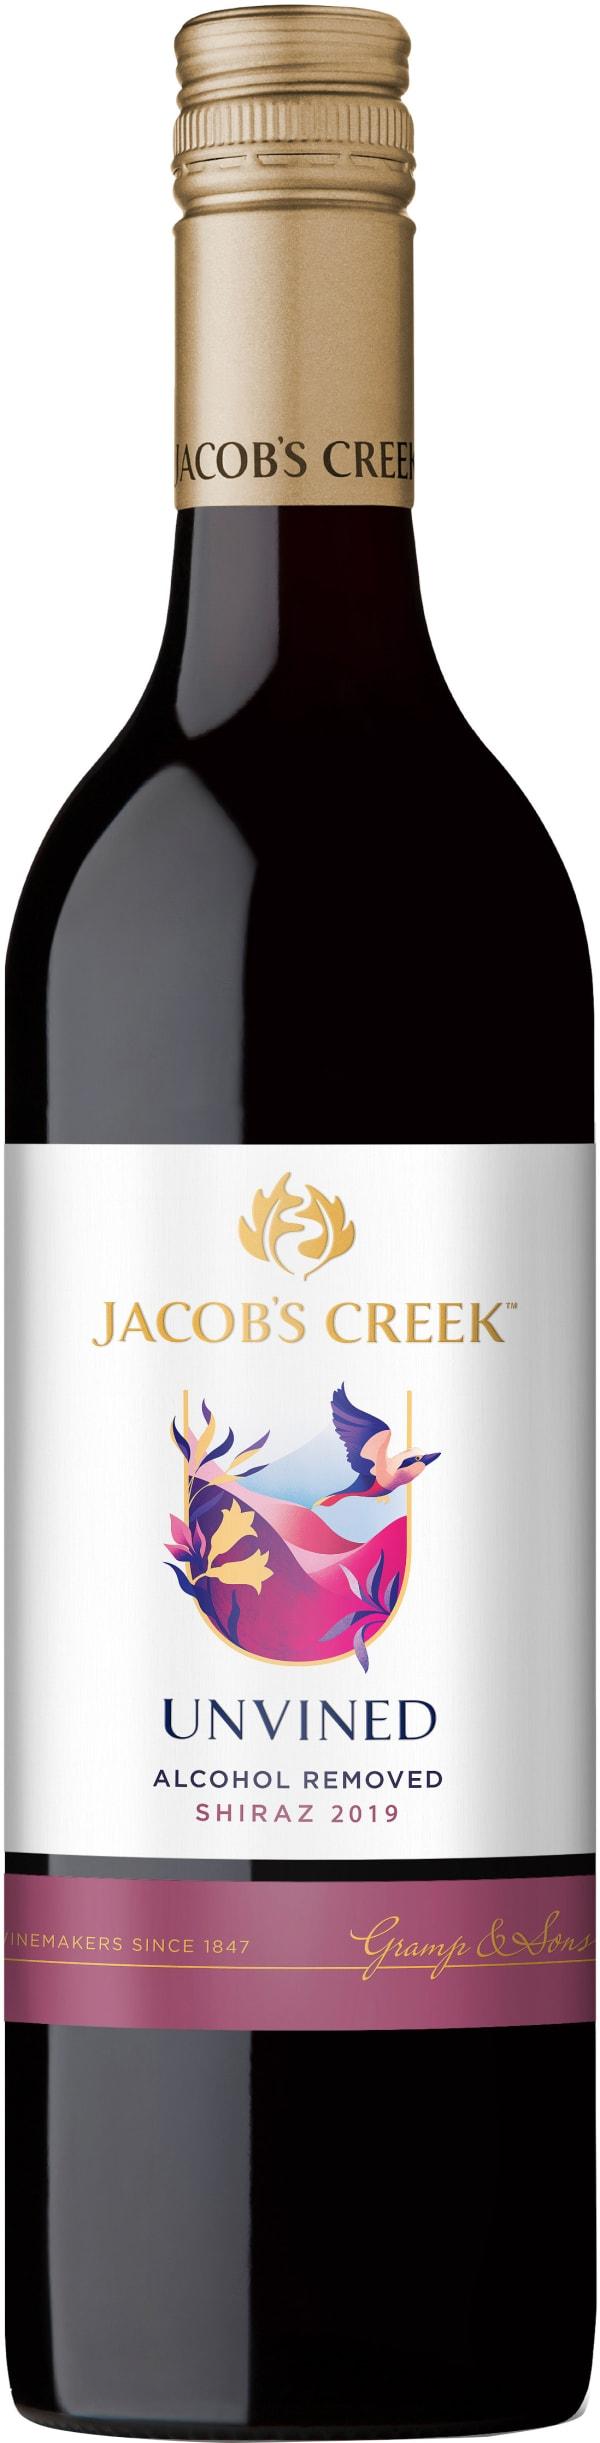 Jacob's Creek UnVined Shiraz 2020